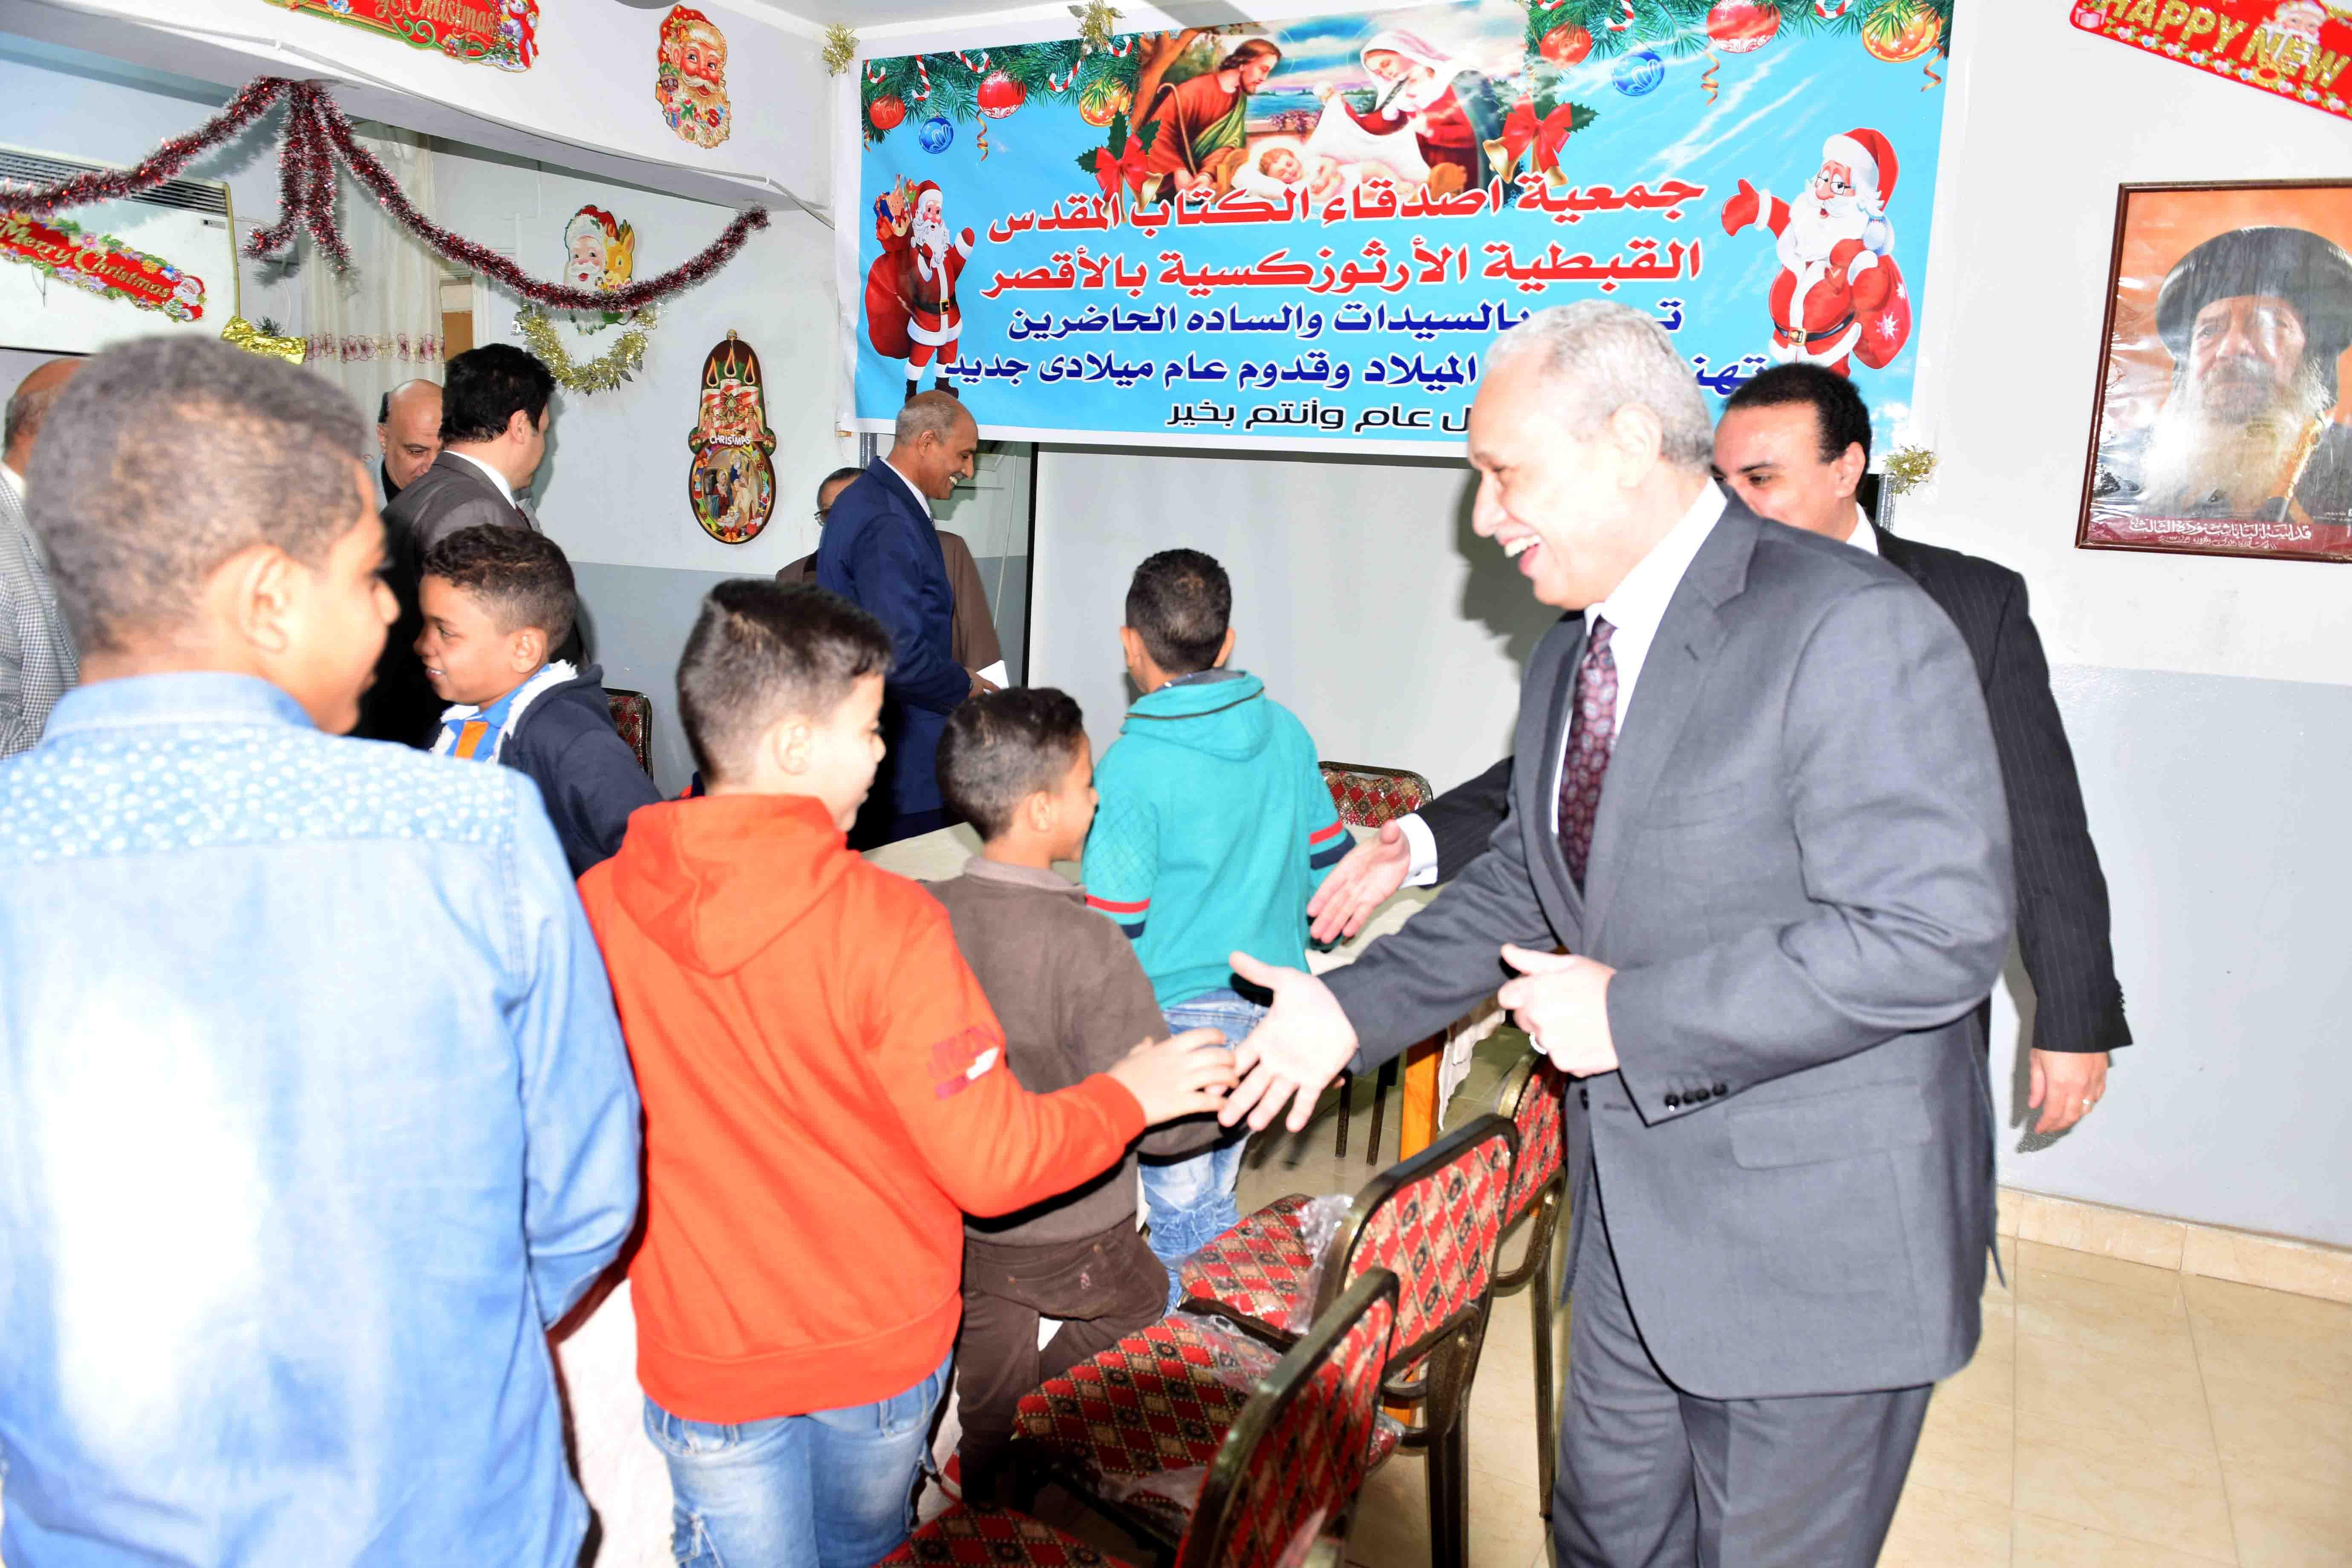 محافظ الأقصر يقدم التهنئة لأطفال الجمعيات بعيد الميلاد  (3)